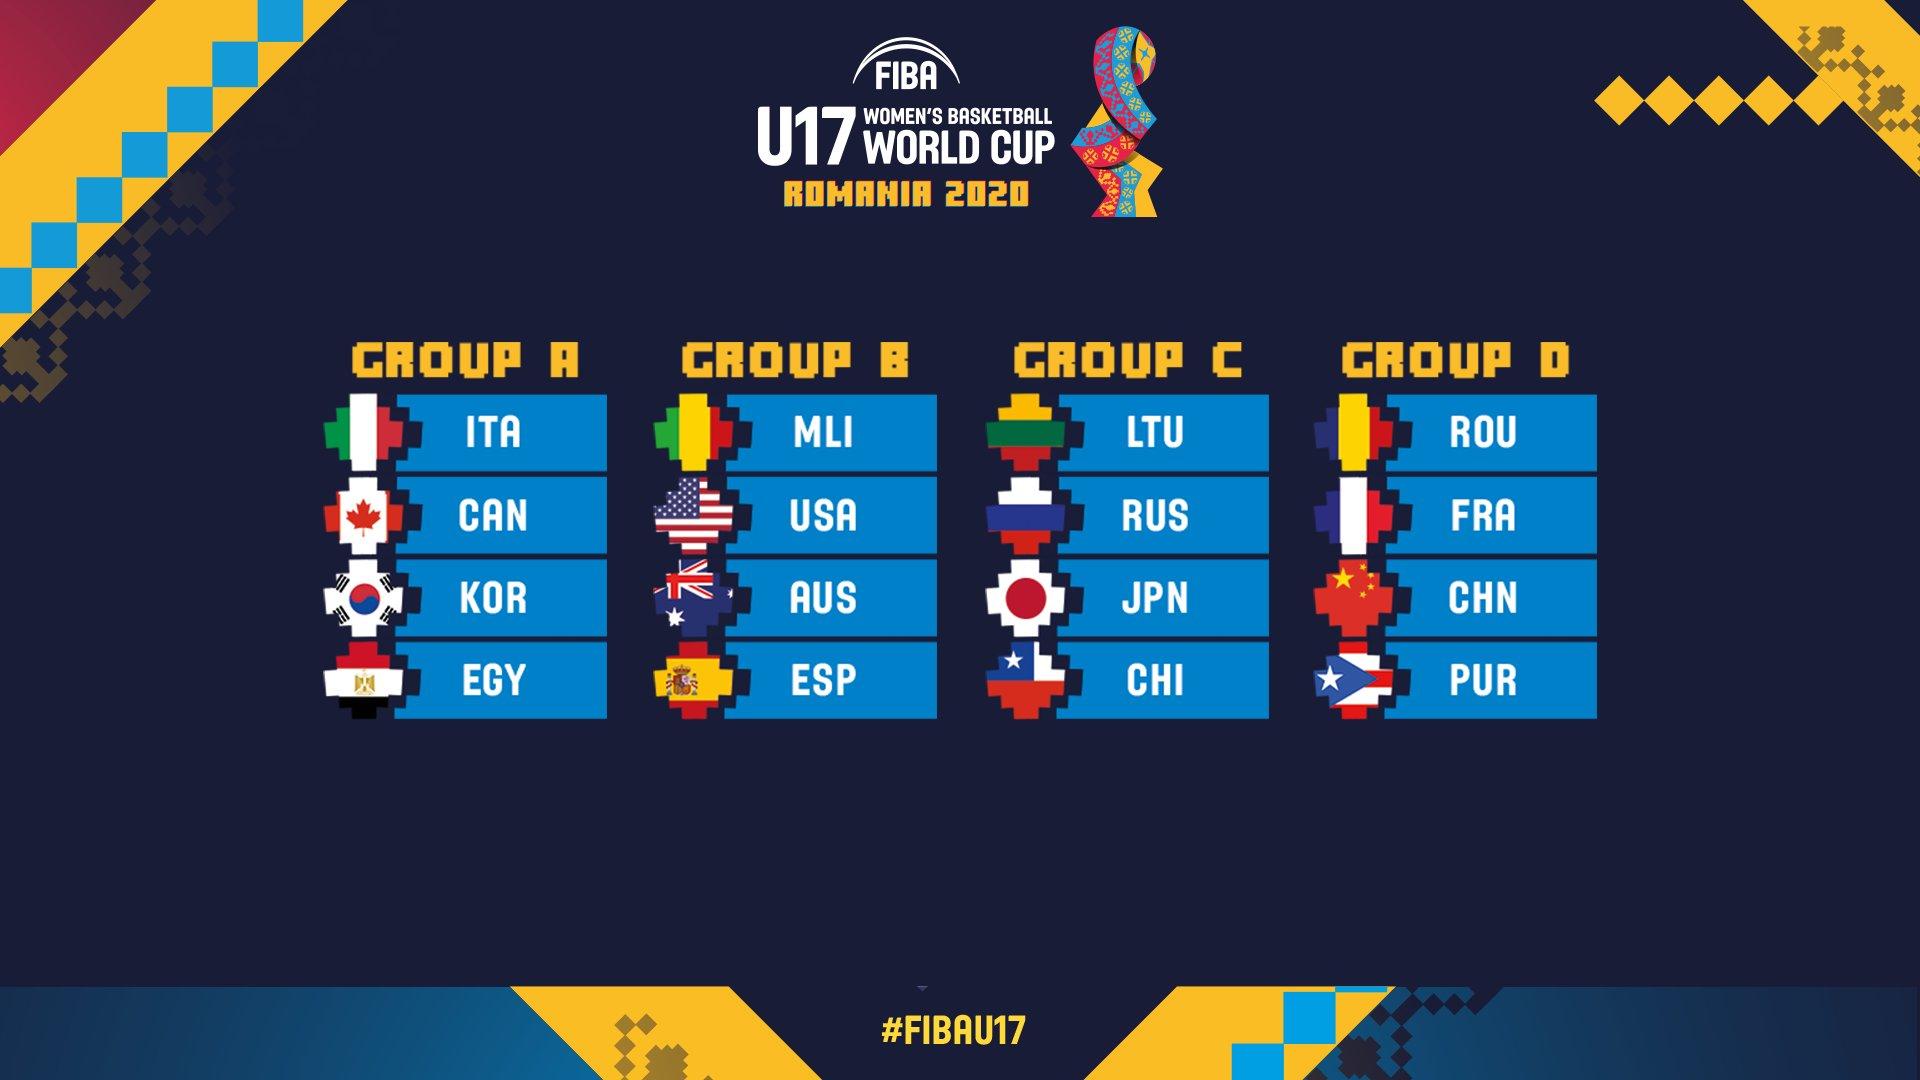 U17女篮世界杯抽签结果:中罗法波同组